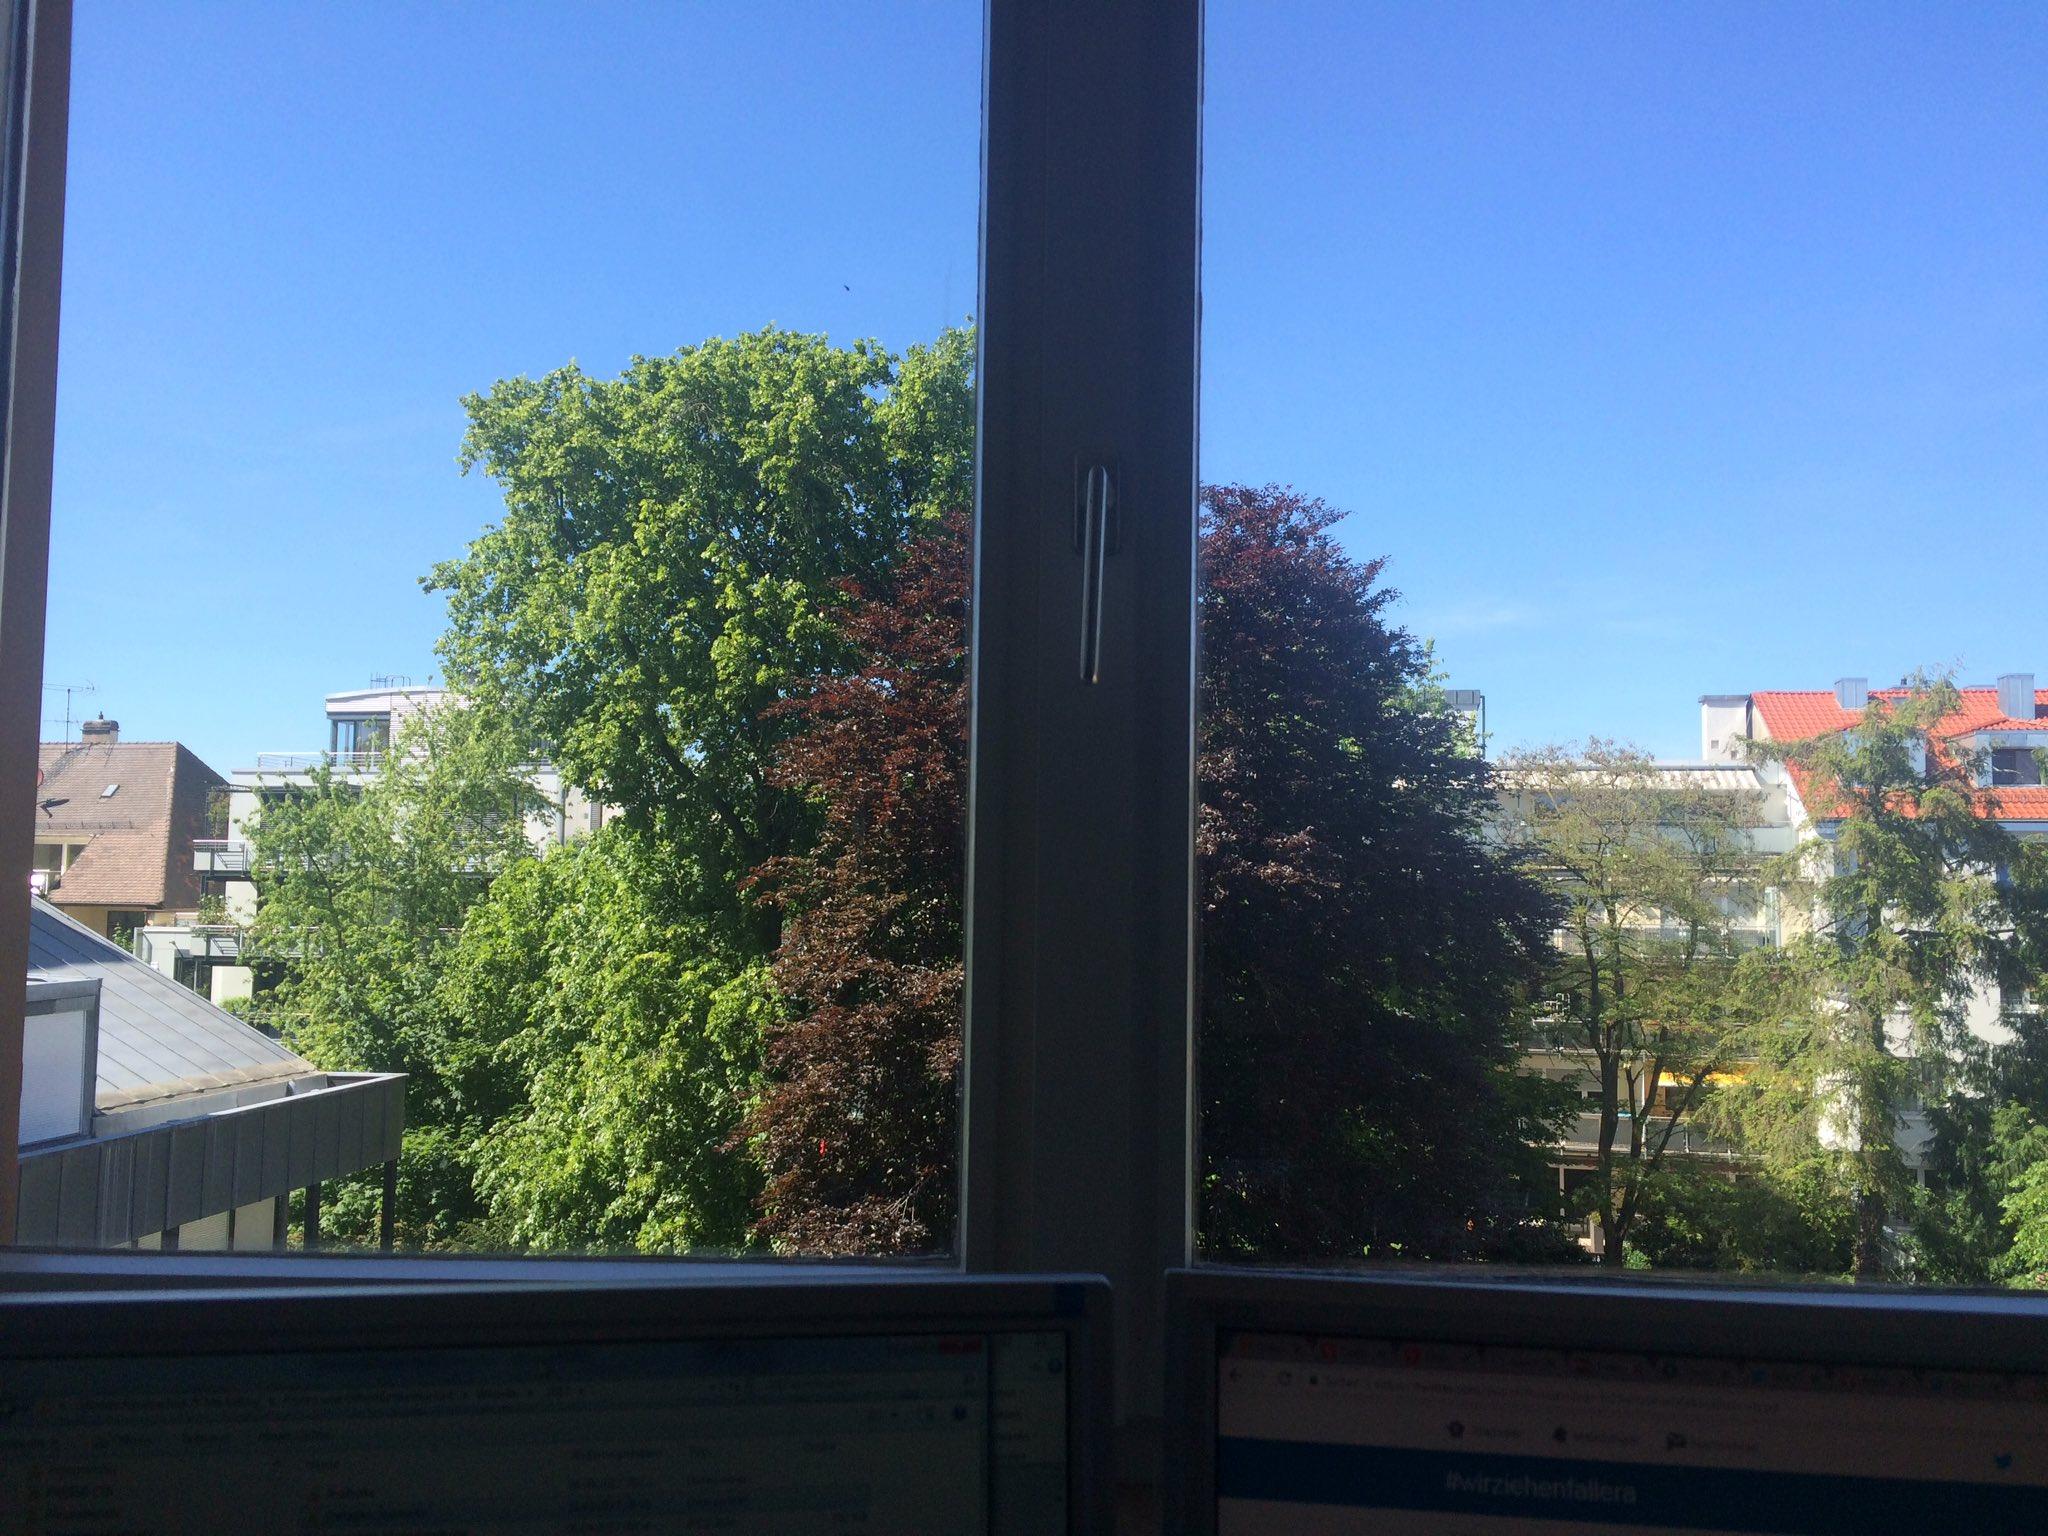 Wettercheck aus dem Büro @Kunsthalle_Ka Genauso kann es bitte bleiben, vor allem zu #wirziehnfallera mit den @herbergsmuetter n am Freitag☀️ https://t.co/H7WsVMTax5